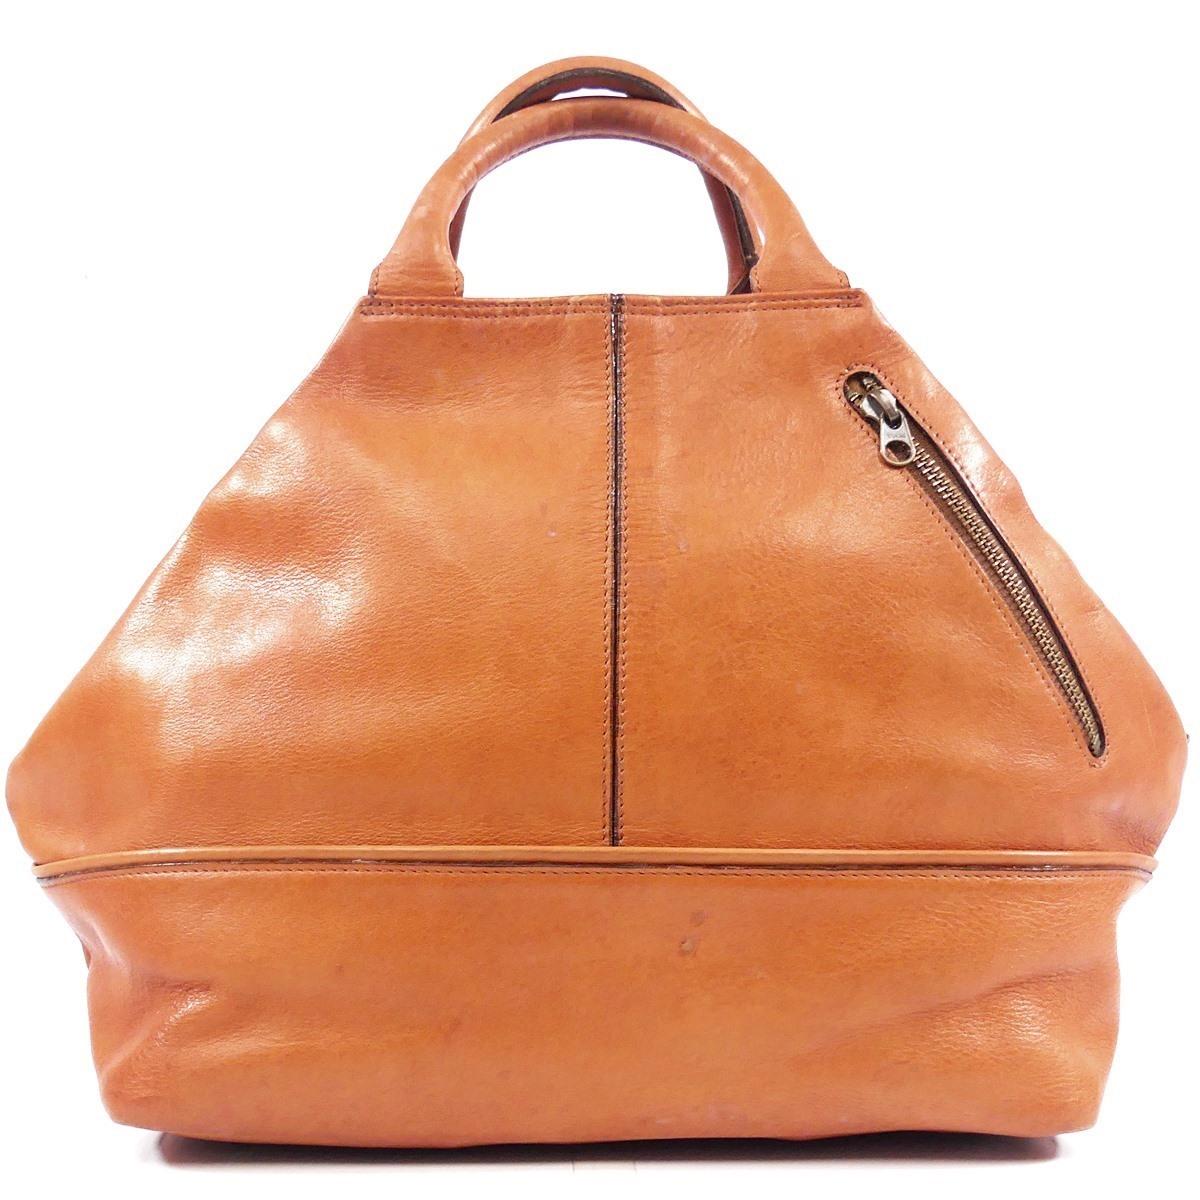 即決★EL Dolman★レザーハンドバッグ ドルマン メンズ 茶 本革 トートバッグ 本皮 かばん 鞄 レディース 手提げバッグ_画像3